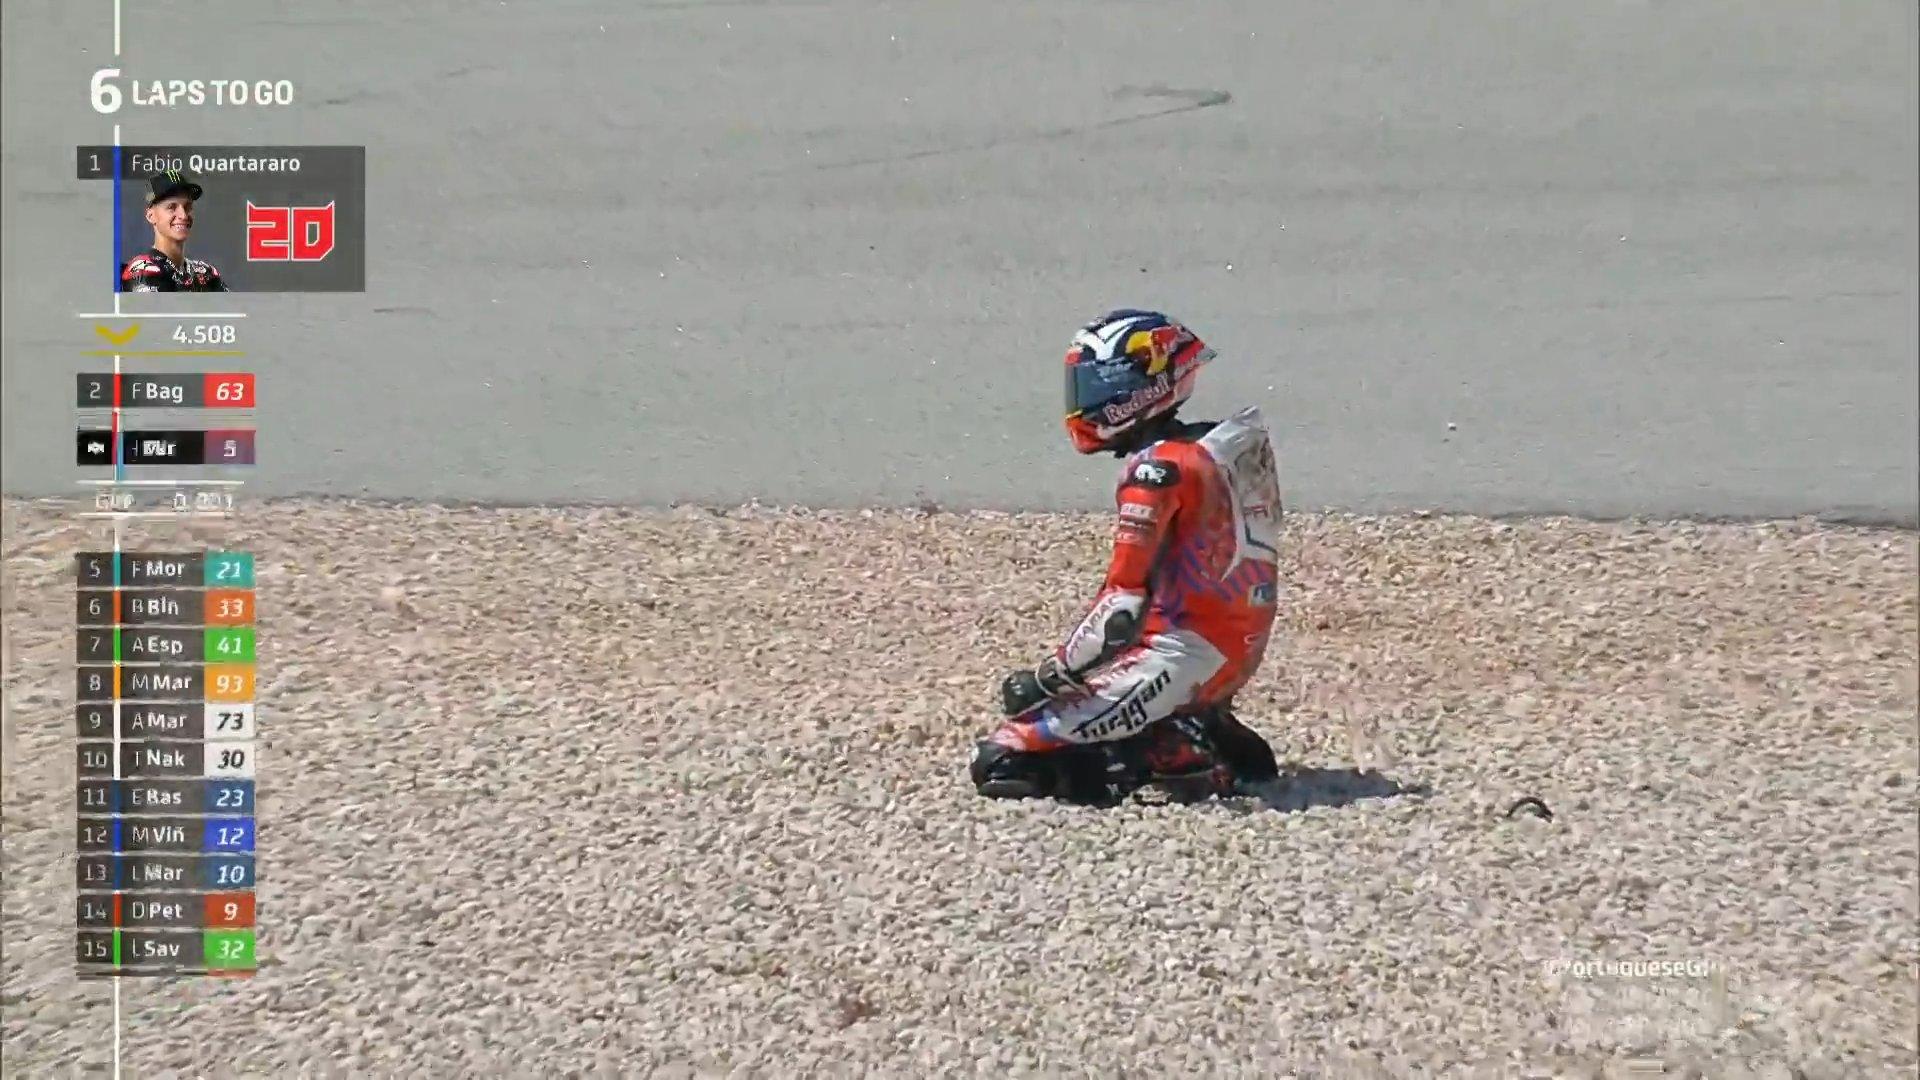 Johaan Zarco Pramac Ducati